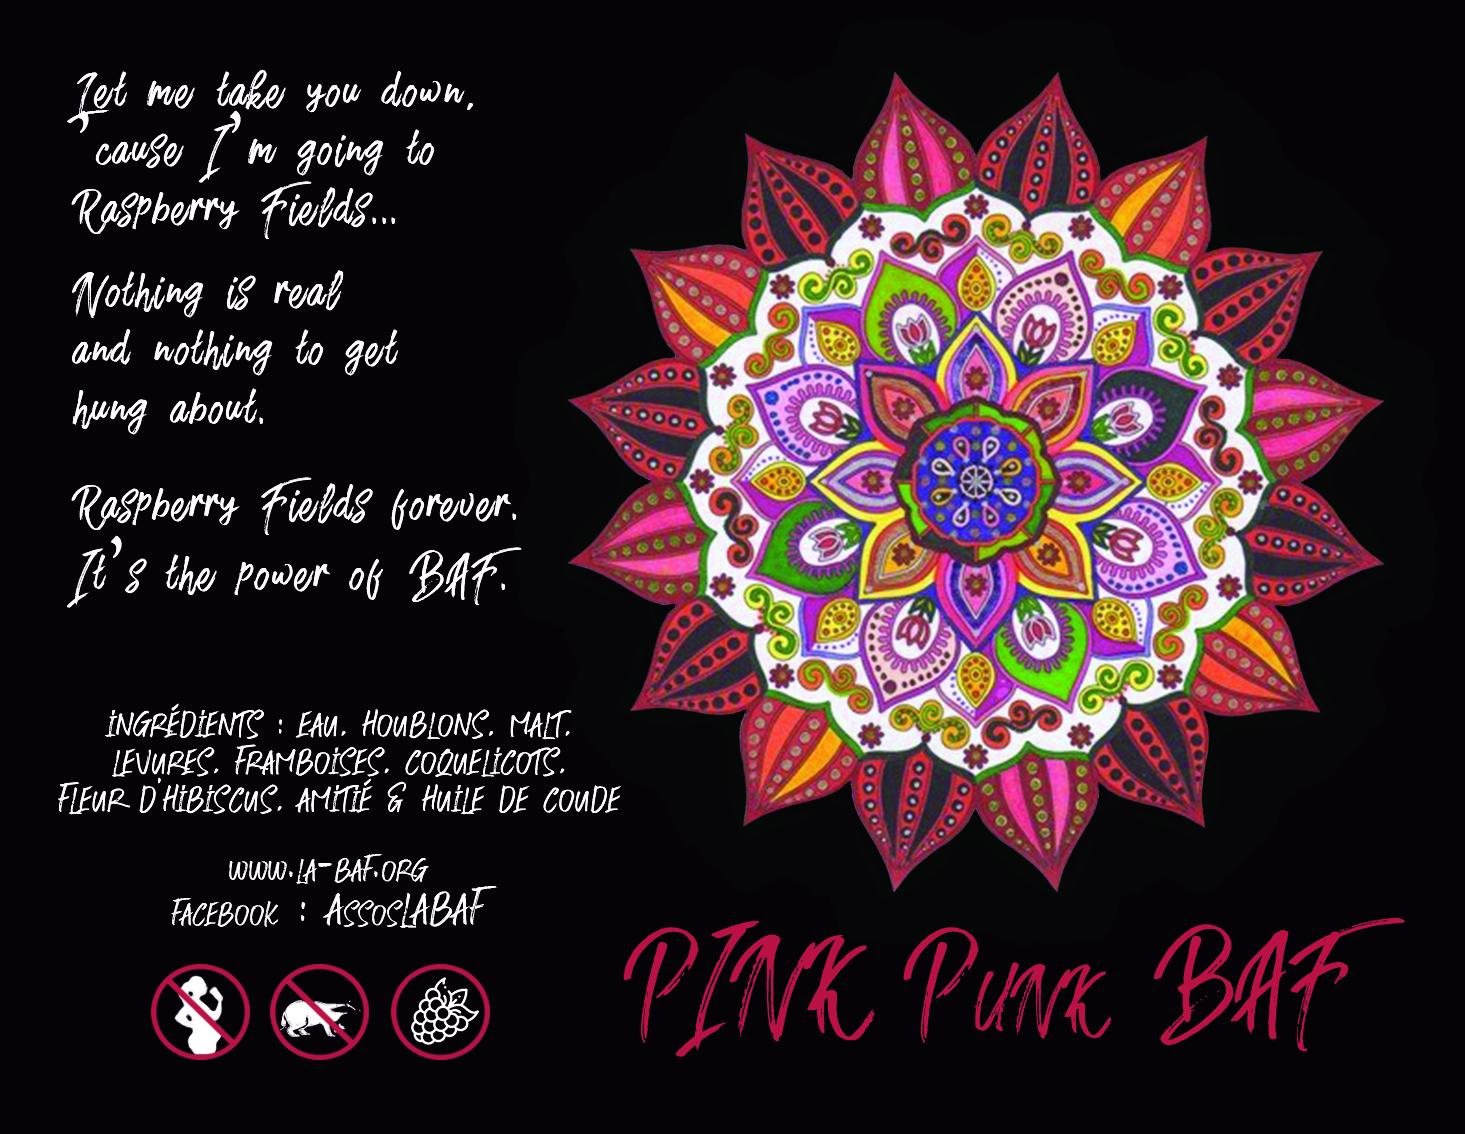 Pink Punk baf